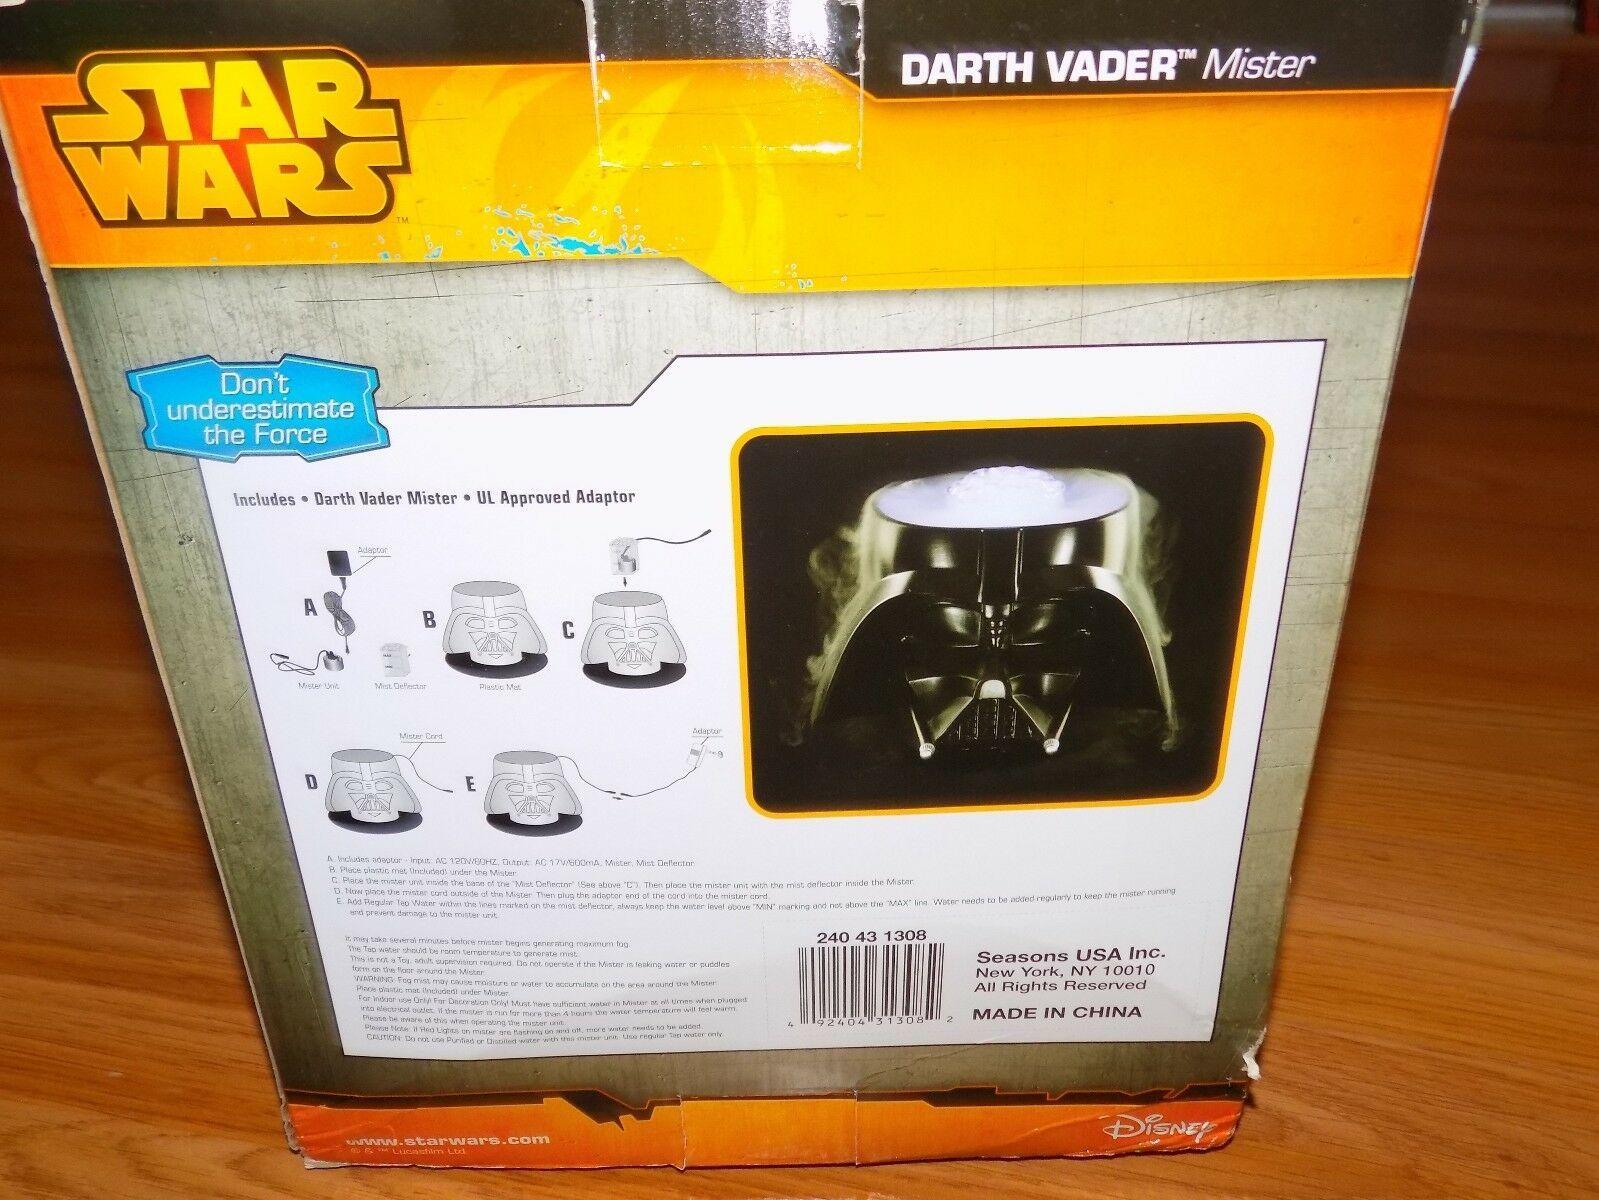 Disney Star Wars Darth Vader Helmet Mister Halloween Decoration New